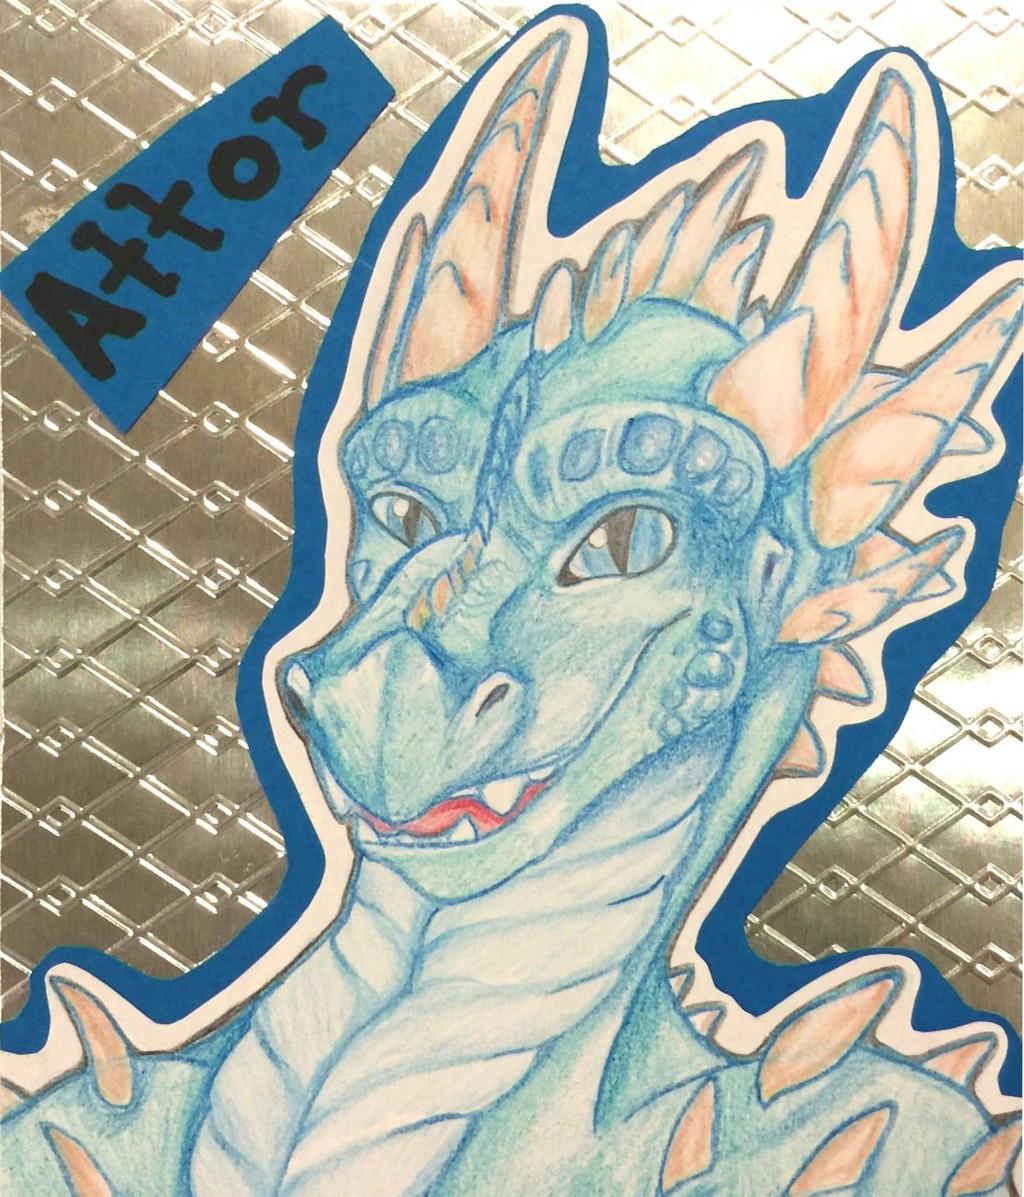 FAU2016 attor badge